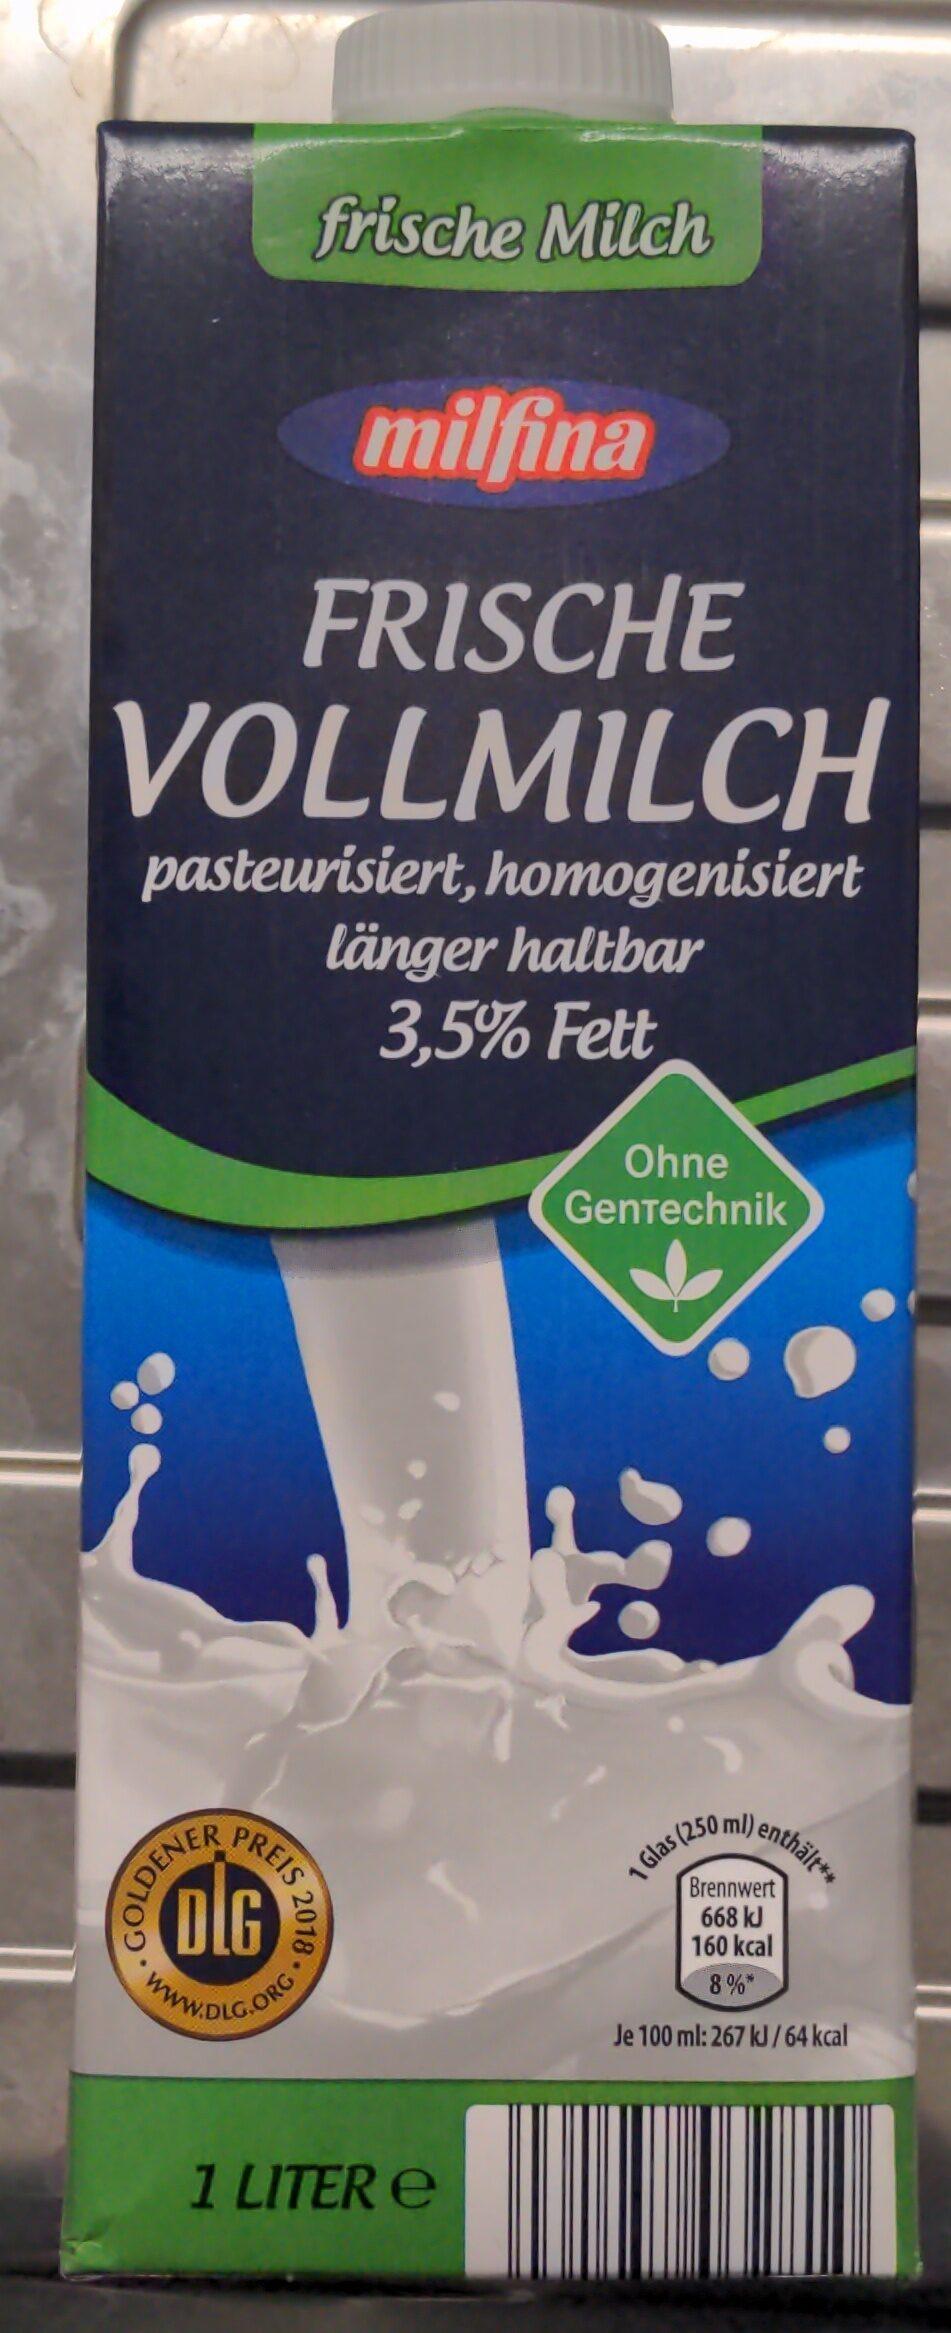 Frische Vollmilch 3,5% Fett - Produkt - de